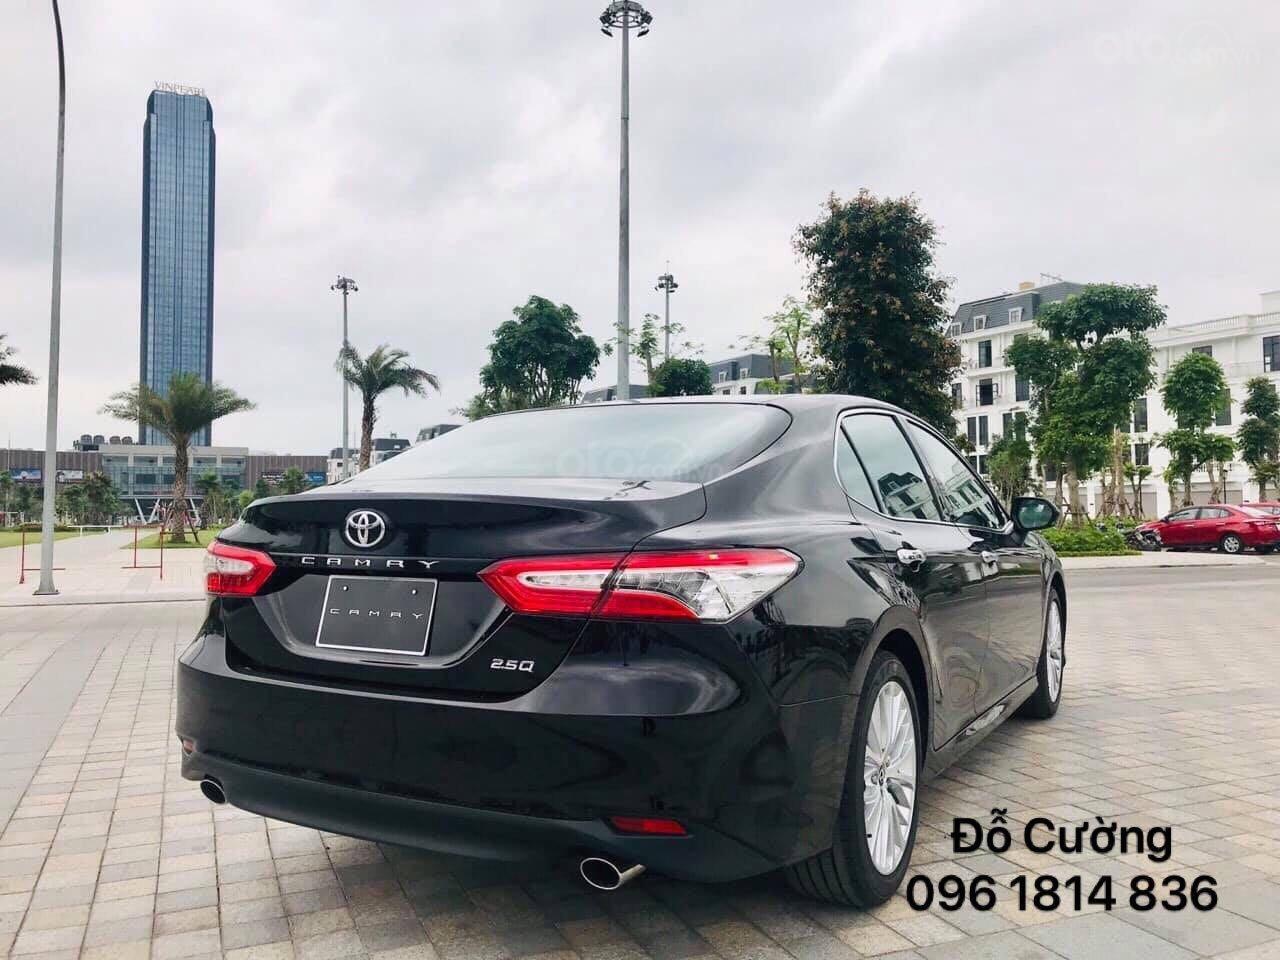 Bán Toyota Camry 2.5Q màu đen, nhập khẩu nguyên chiếc giao ngay - 0961814836 - Đỗ Cường (3)